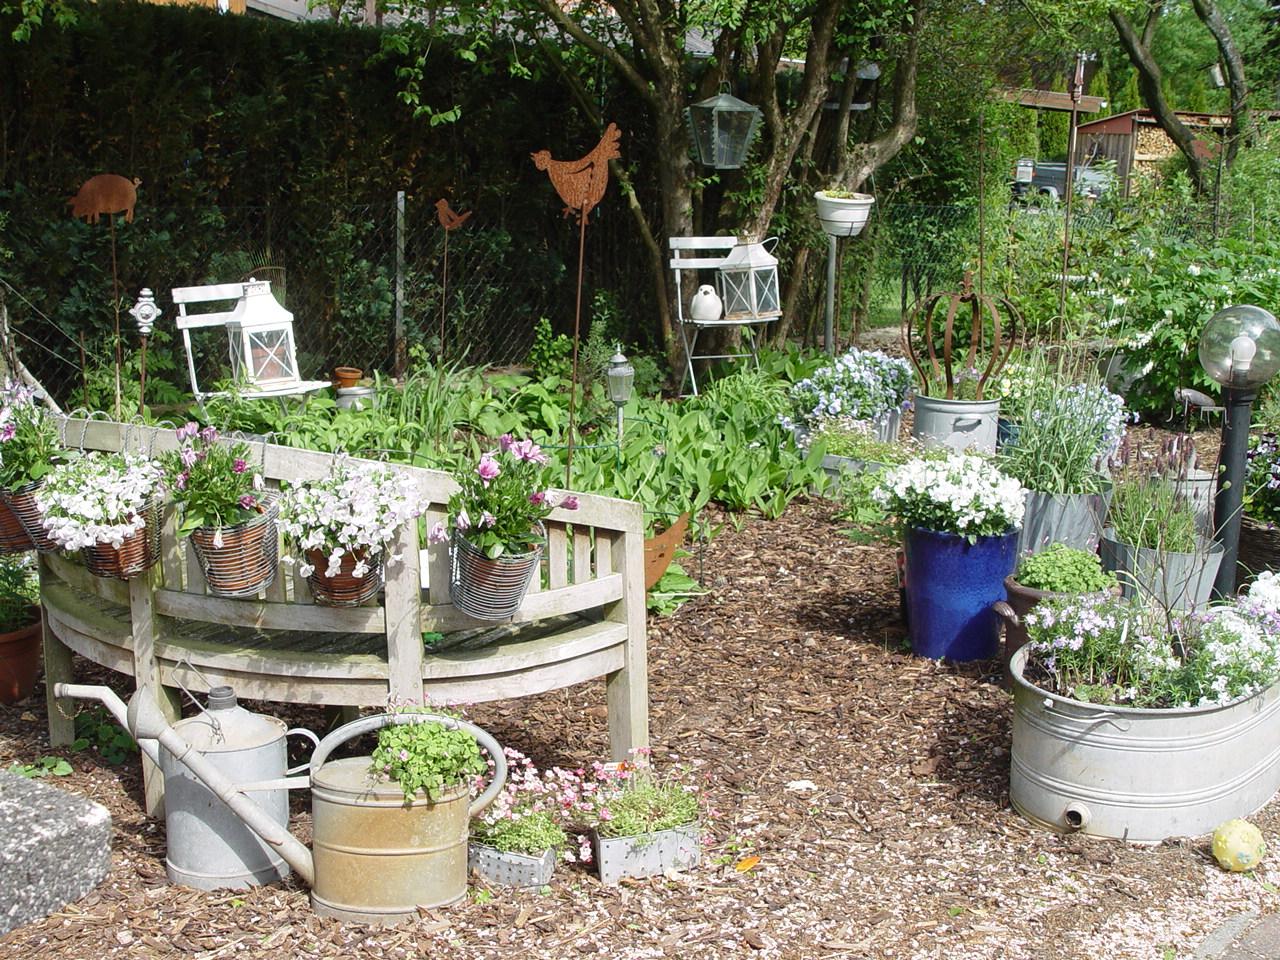 Sallys zuhause pflanzen im laden und garten for Pflanzen laden berlin